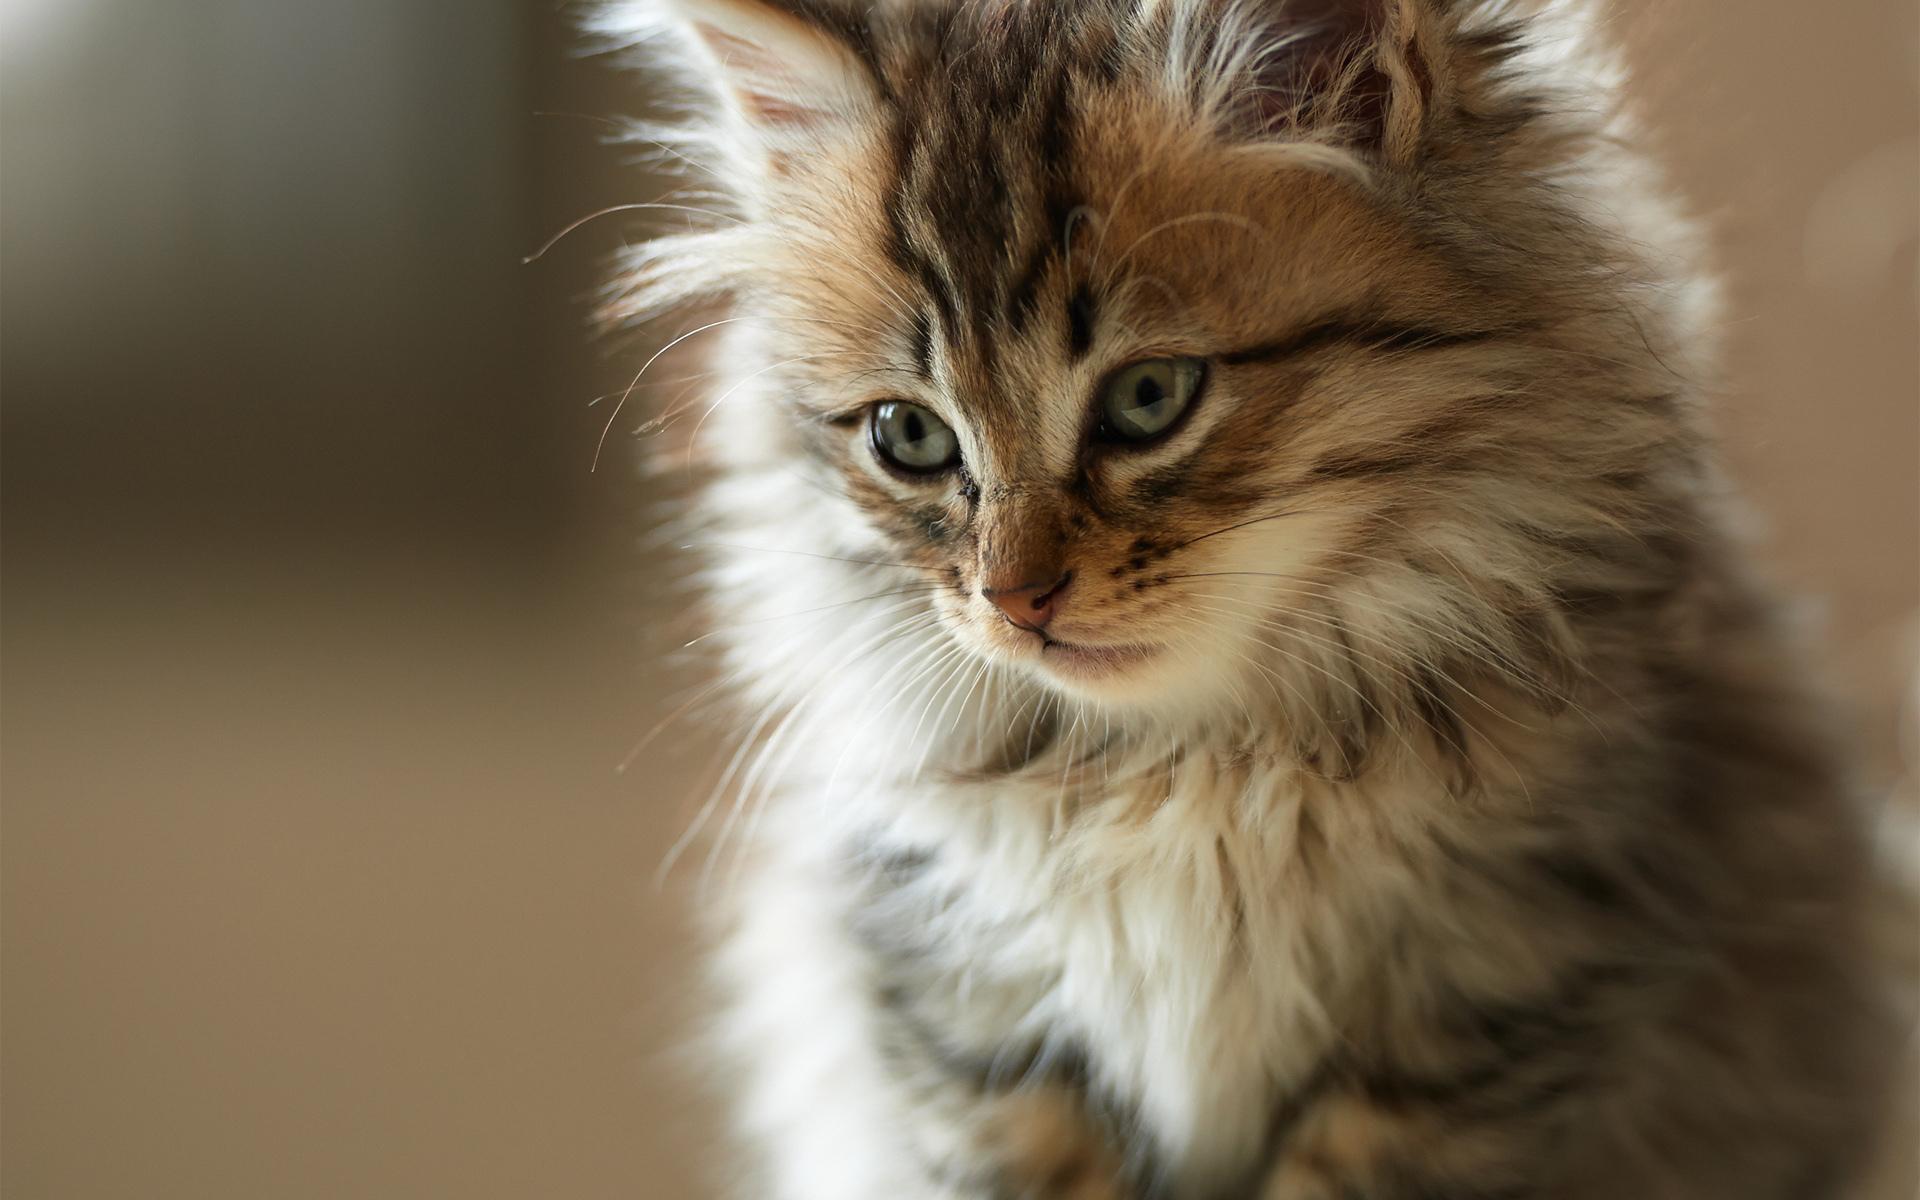 Cute fluffy cat